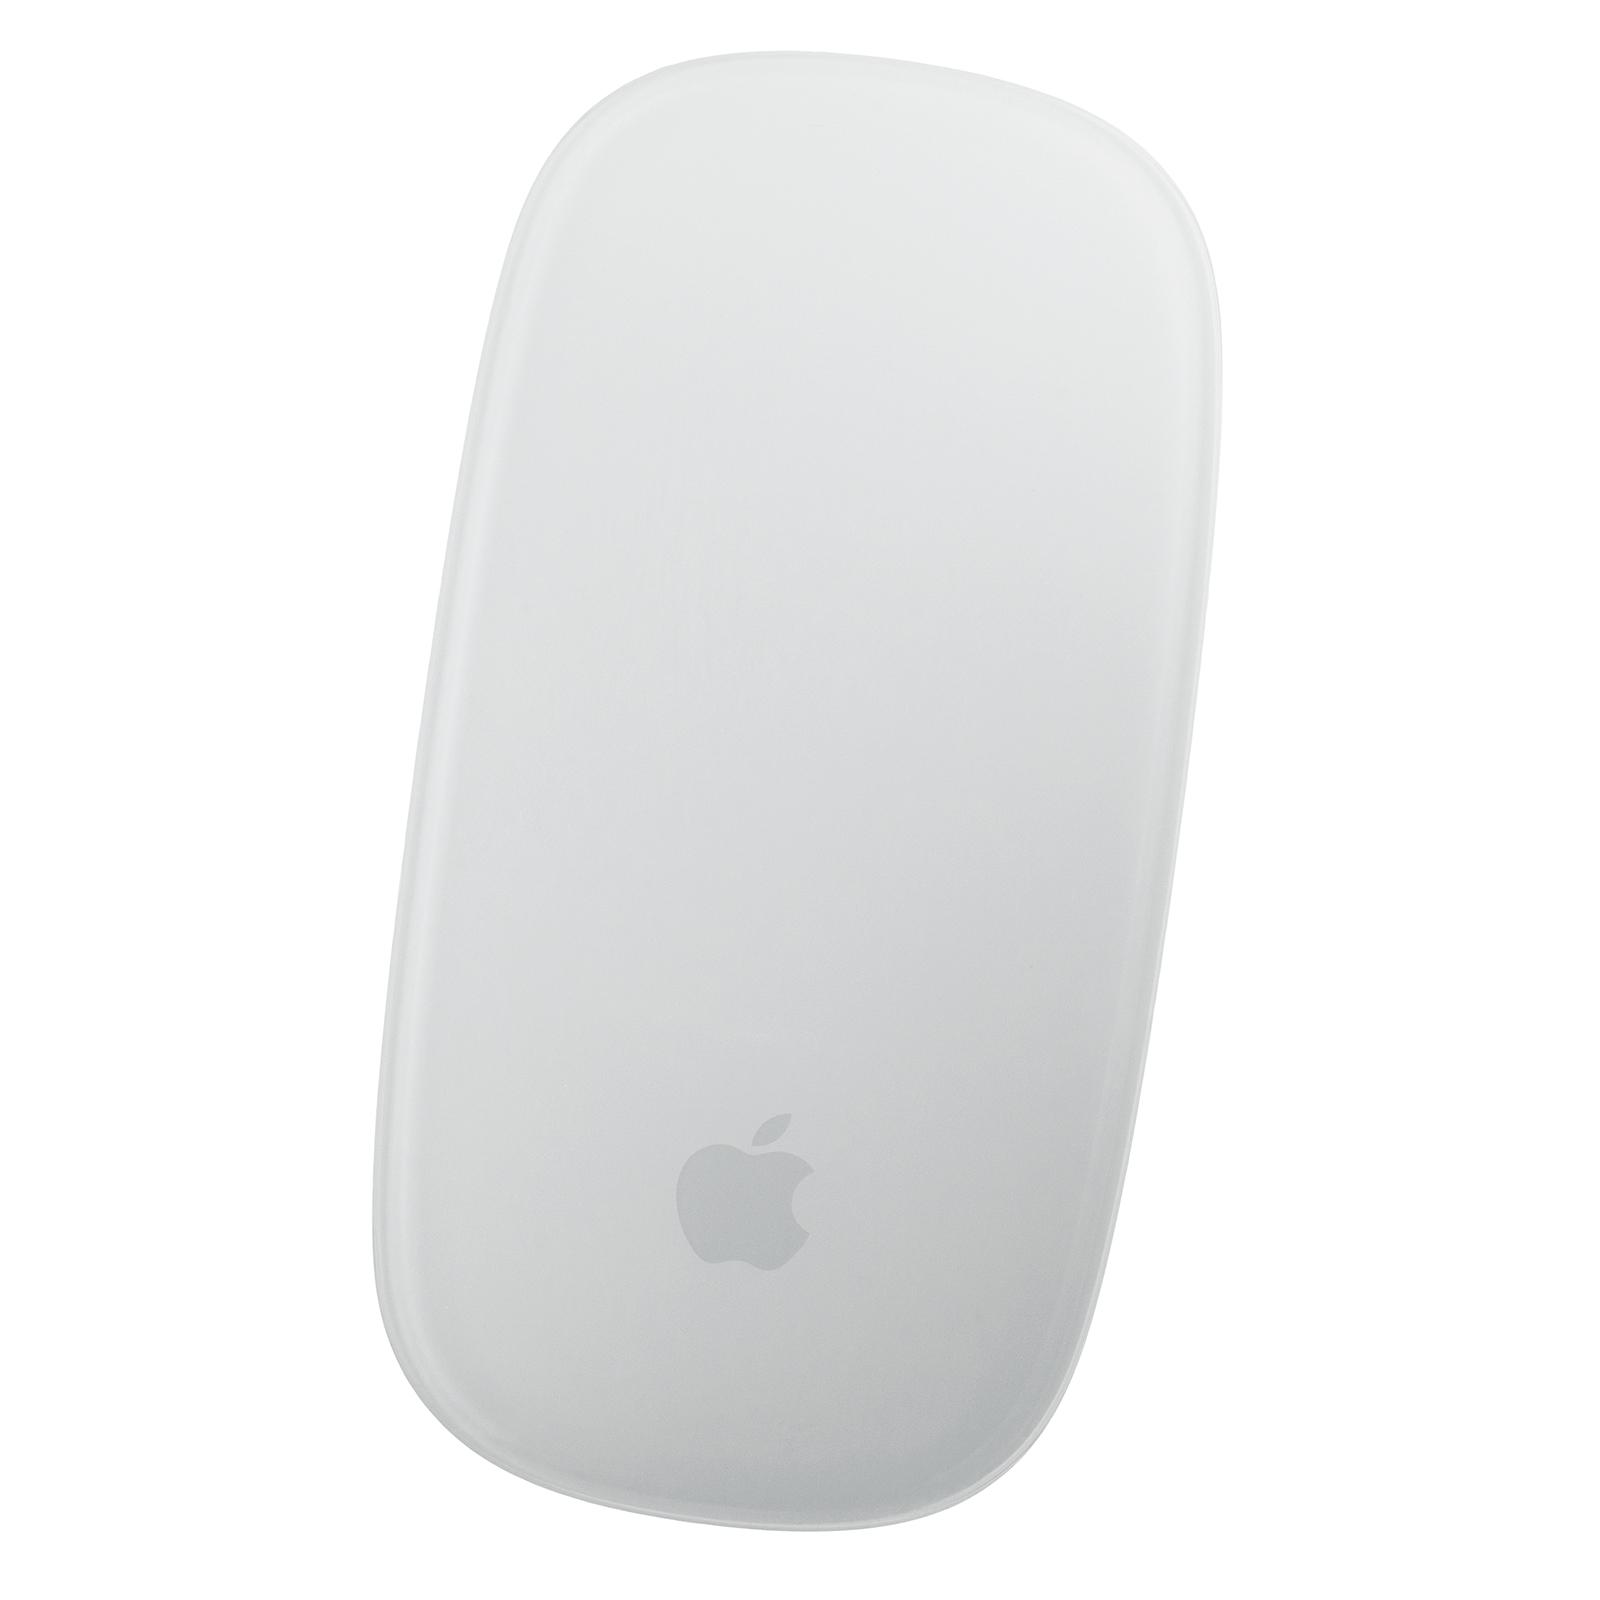 Apple Magic Mouse 2 (A1657)